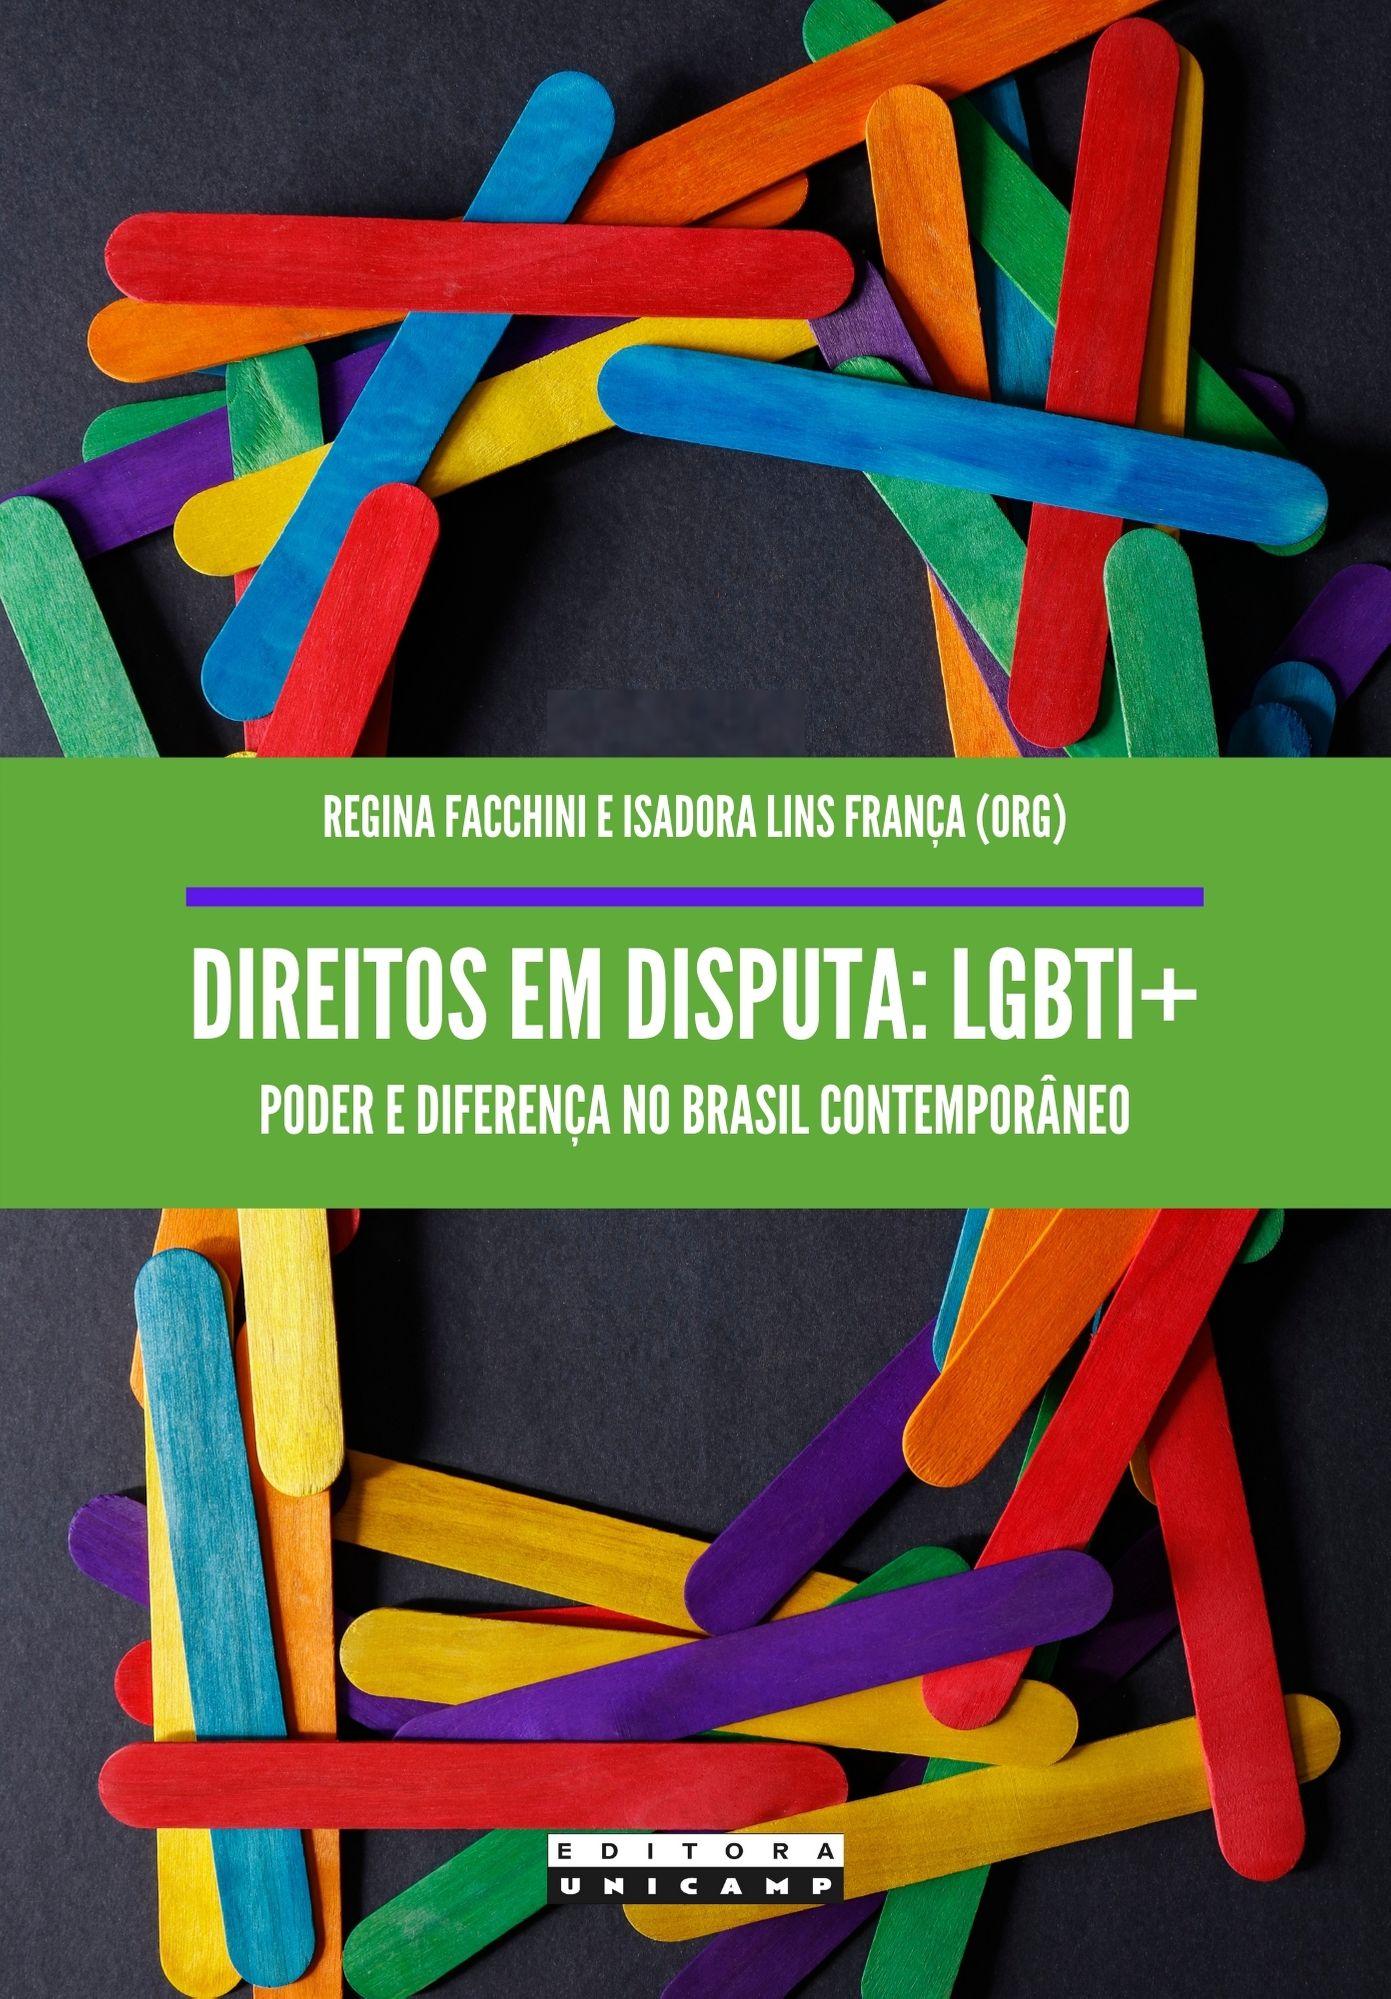 Direitos em disputa - LGBTI+. Poder e diferença no Brasil contemporâneo, livro de Regina Facchini, Isadora Lins França